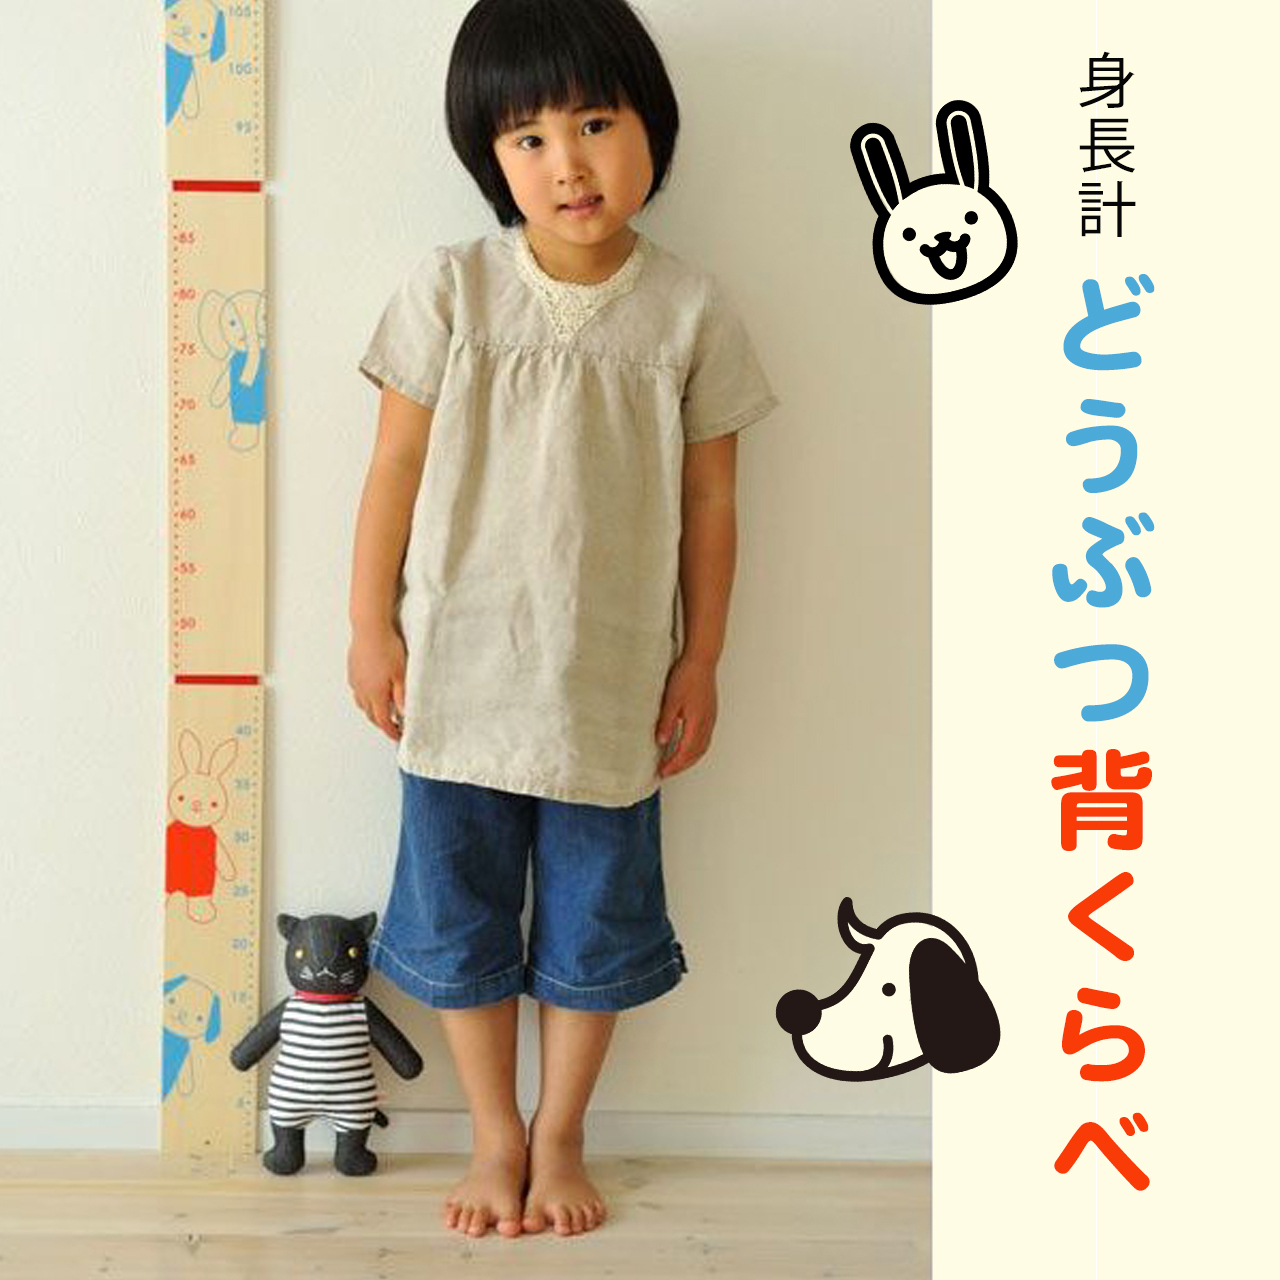 身長計【どうぶつ背くらべ】 男の子 女の子【日本製】